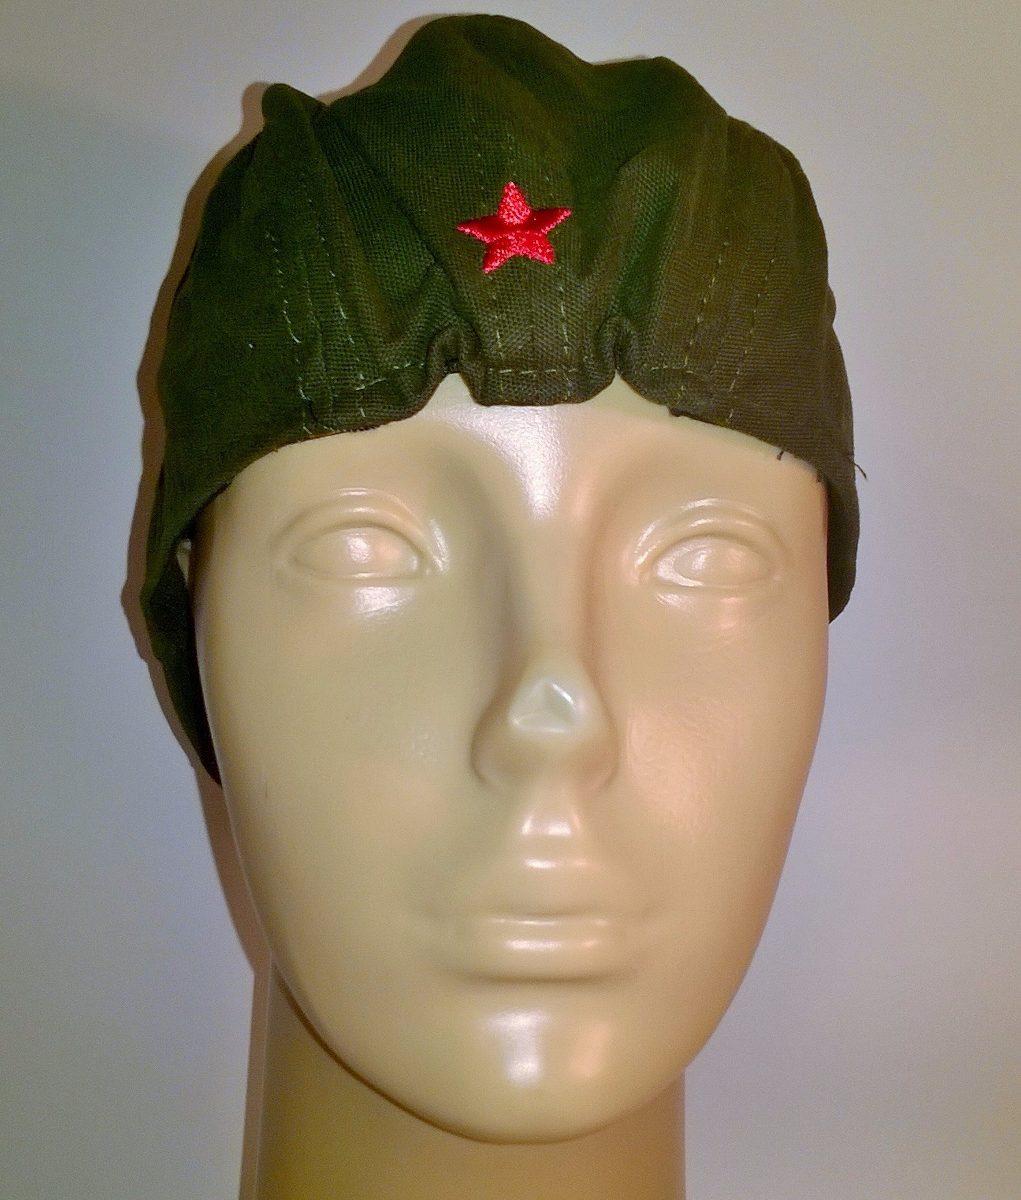 boina vera navarro modelo militar el che guevara regalos. Cargando zoom. be44c00335b